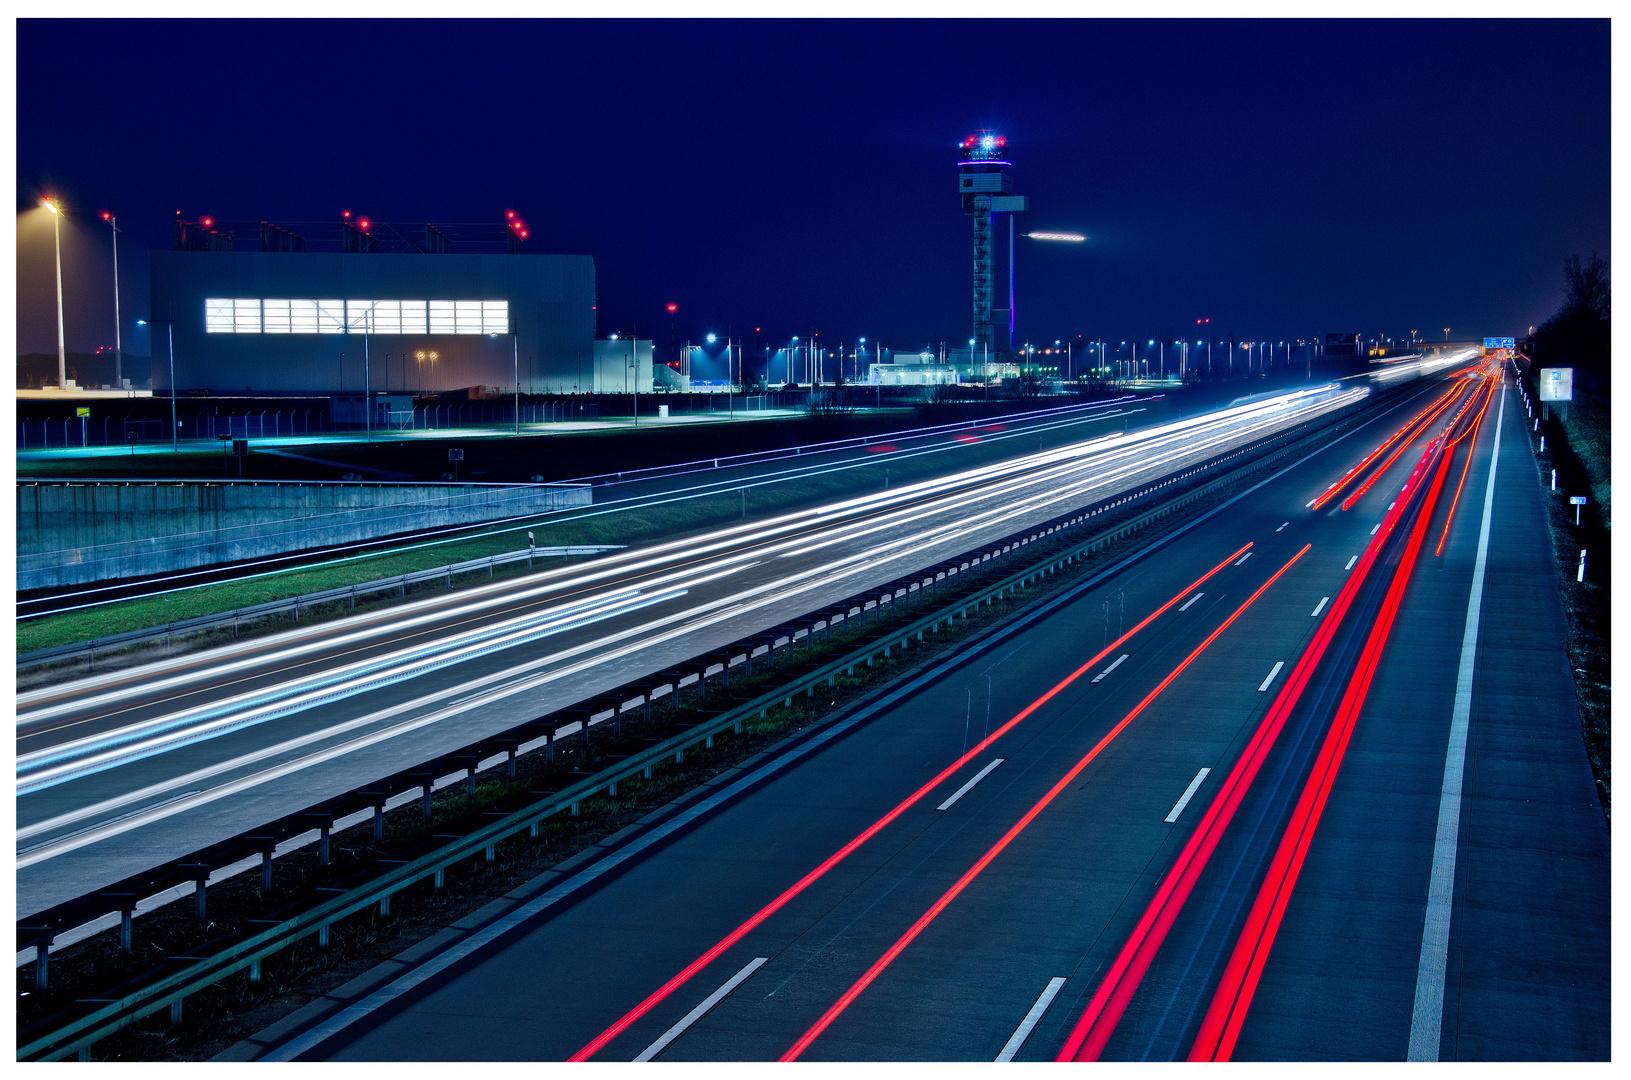 Auf der Autobahn Nachts um halb eins....